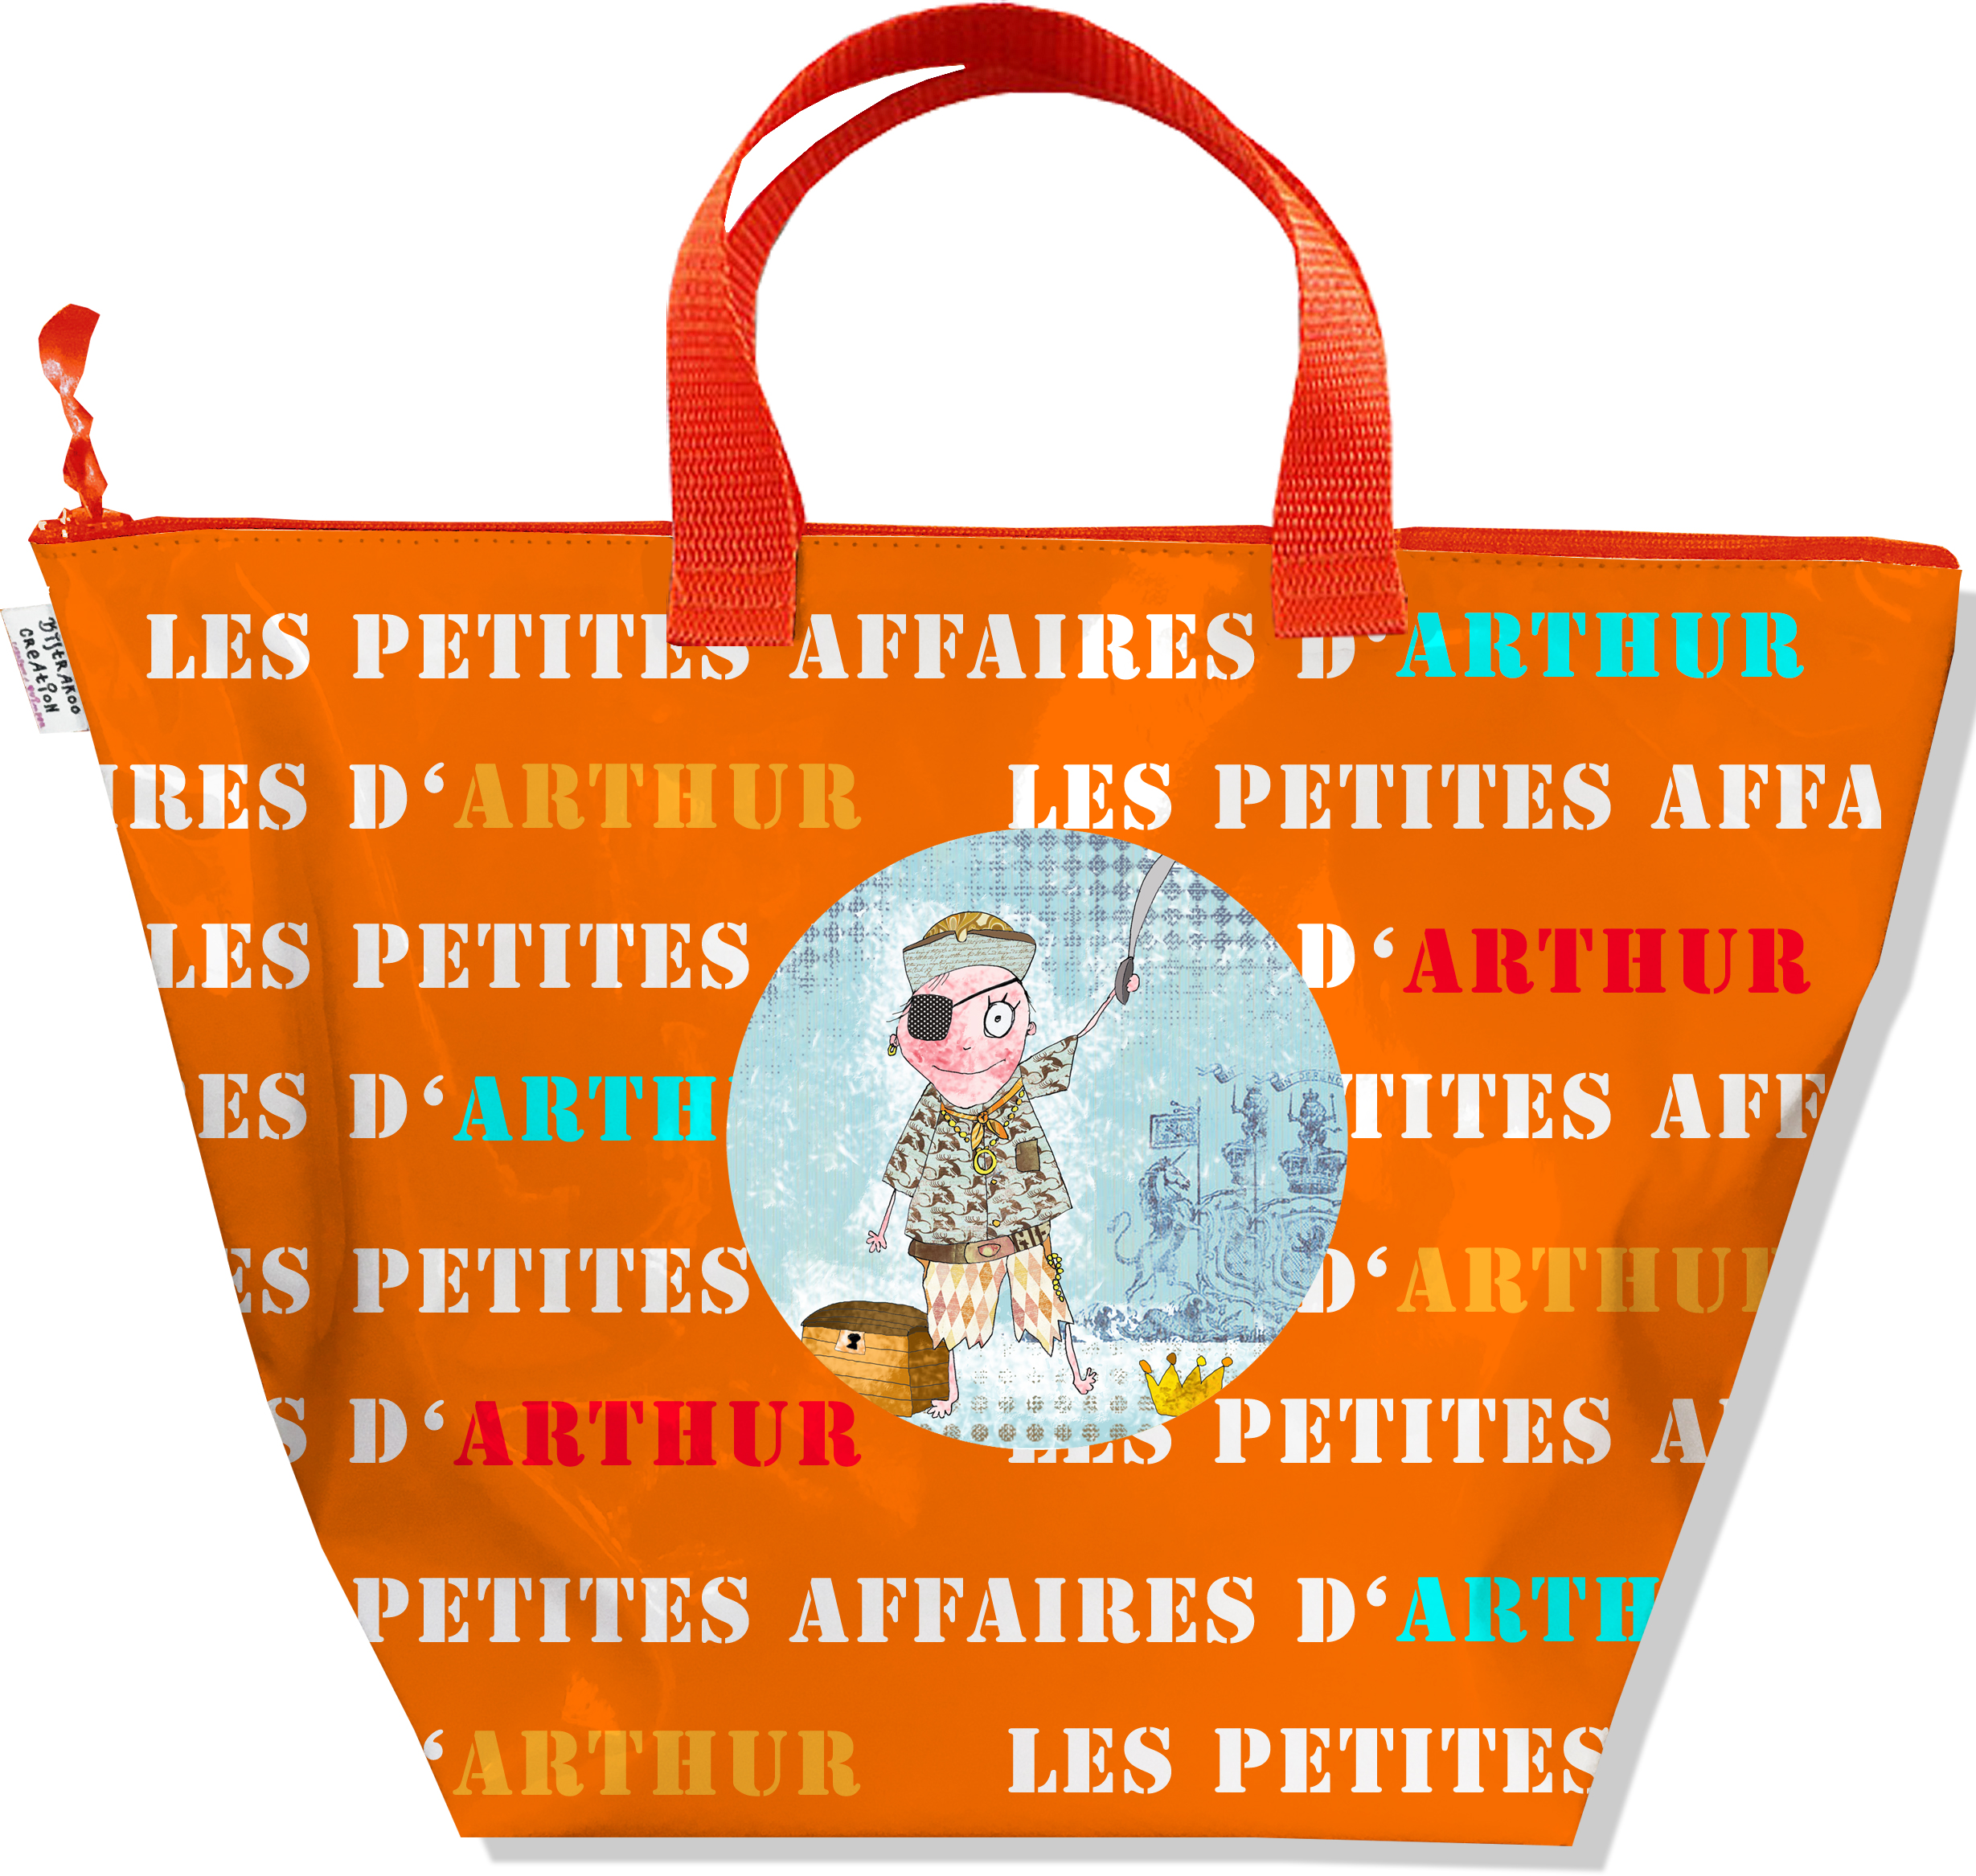 Sac à main personnalisable Garçon, Sac rangement petites affaires de mon bébé Coloris orange N0308